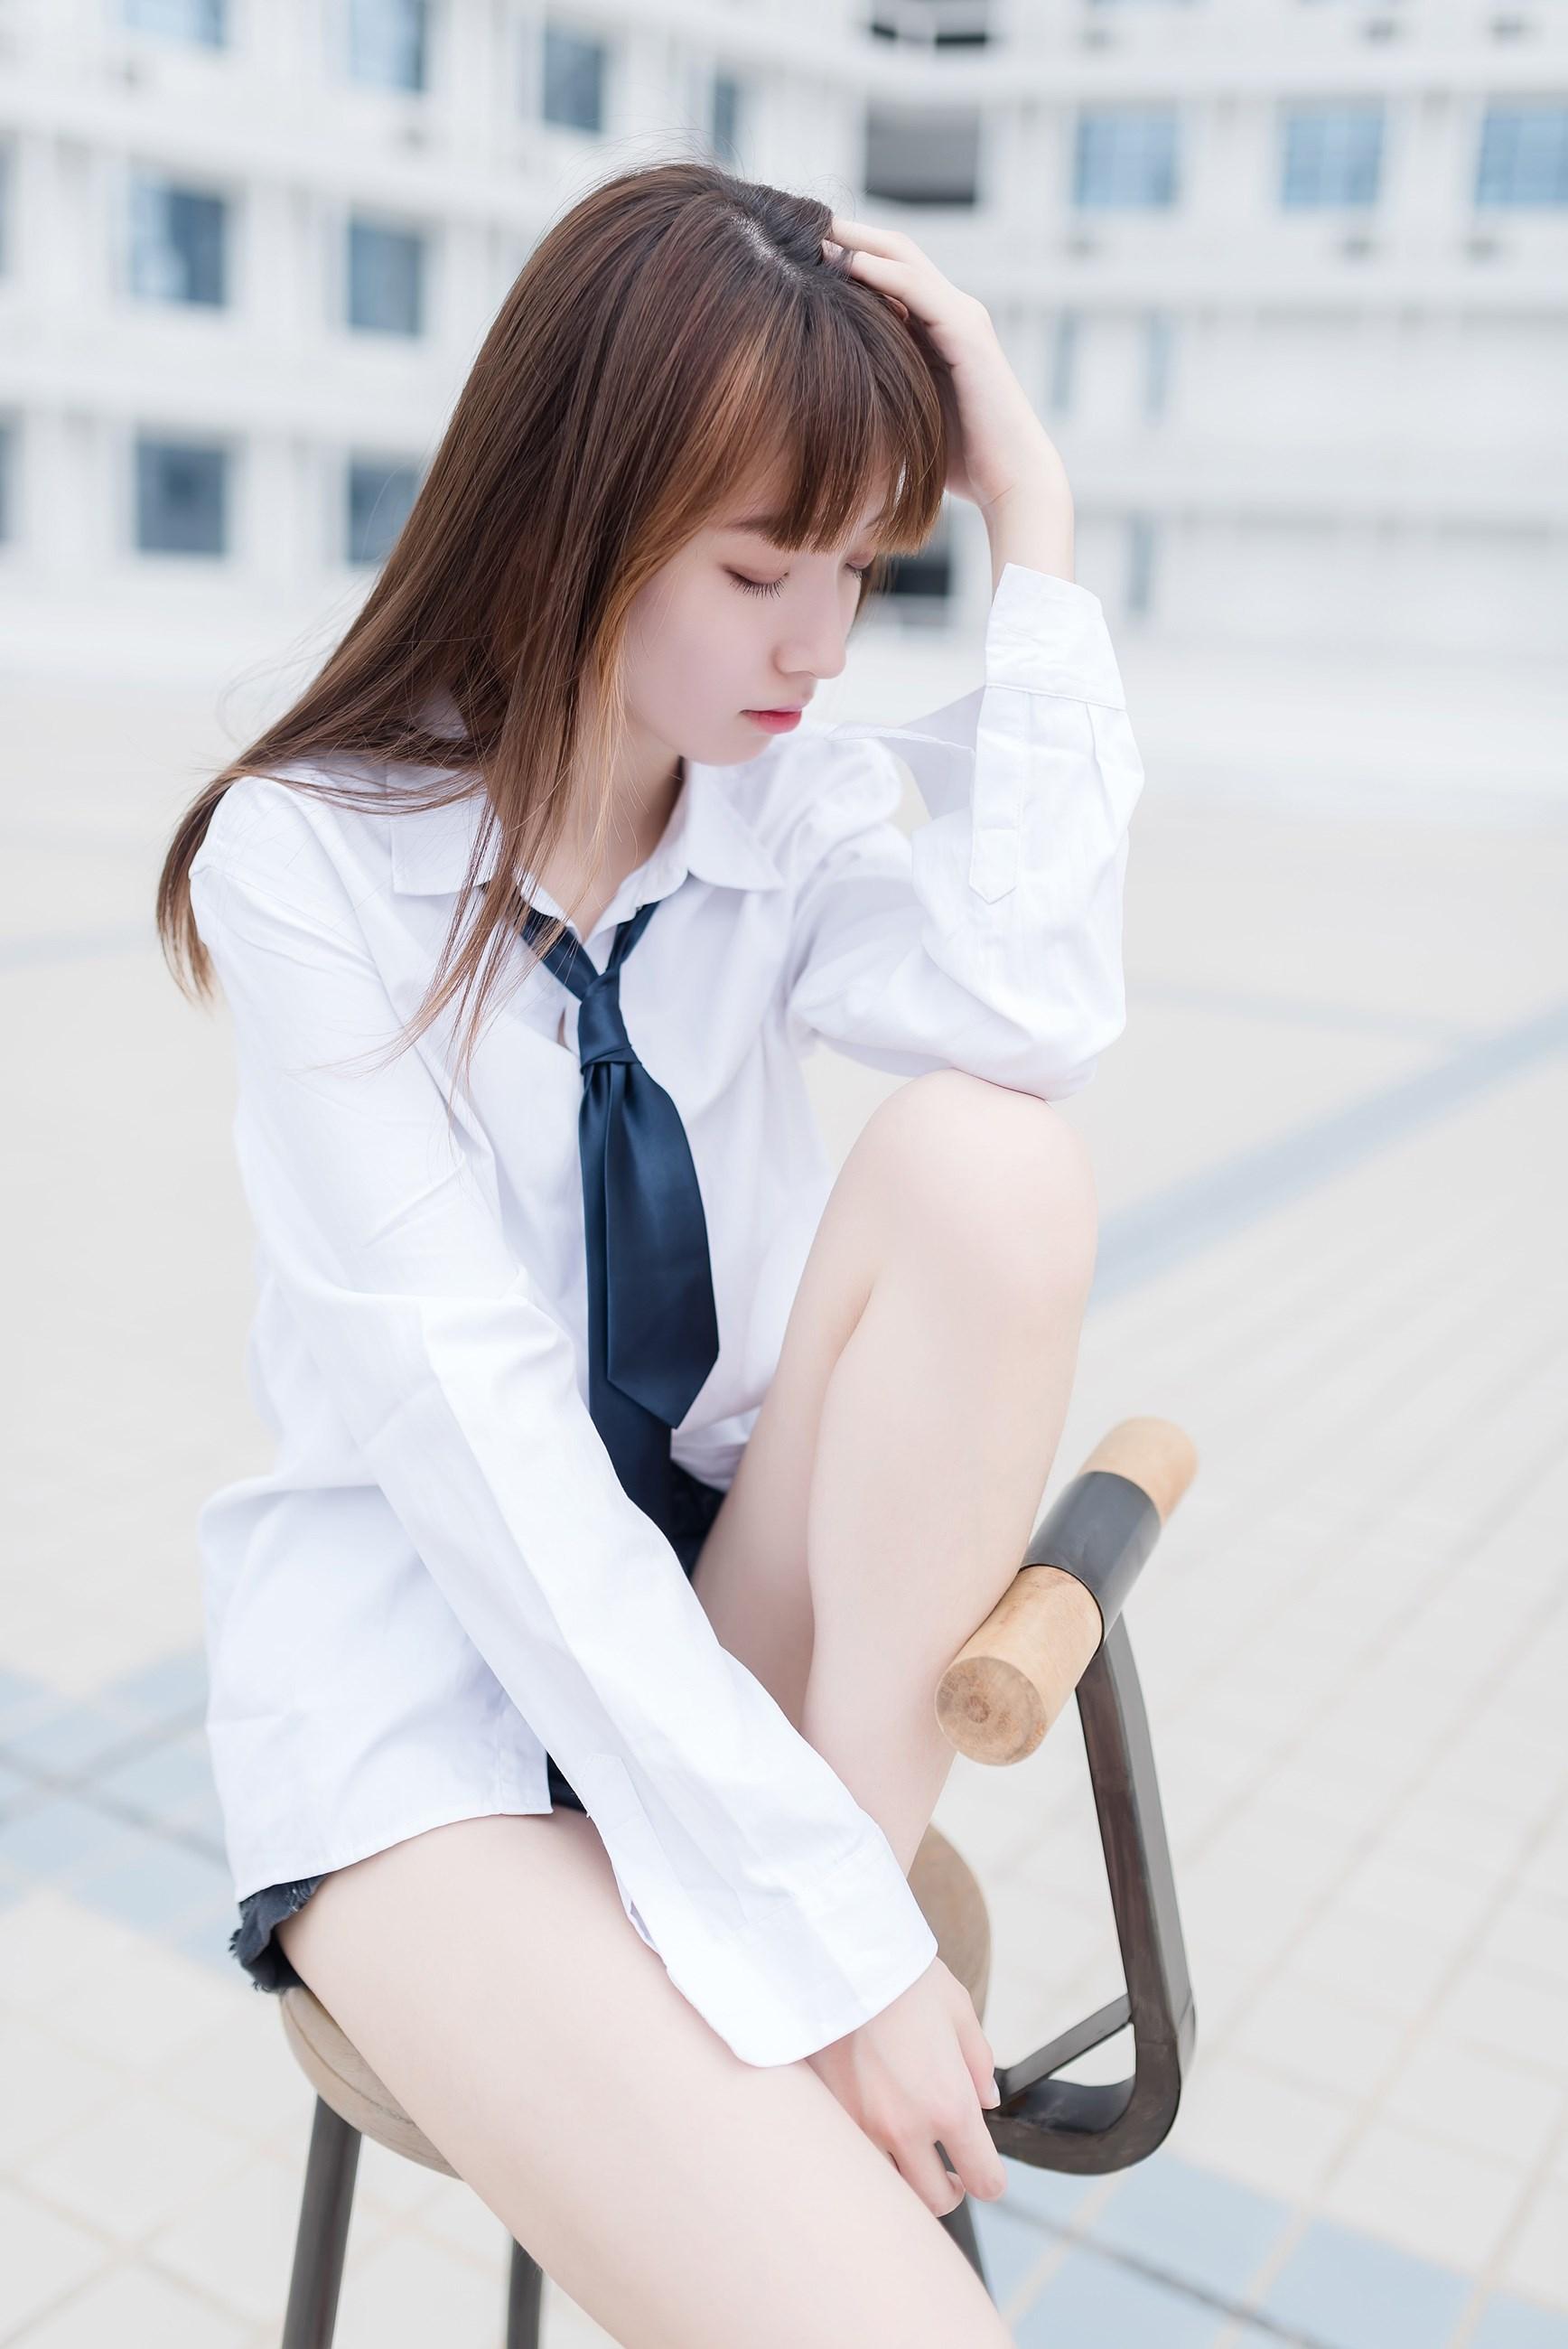 【兔玩映画】裸脚白衬衫 · 足控福利 兔玩映画 第41张